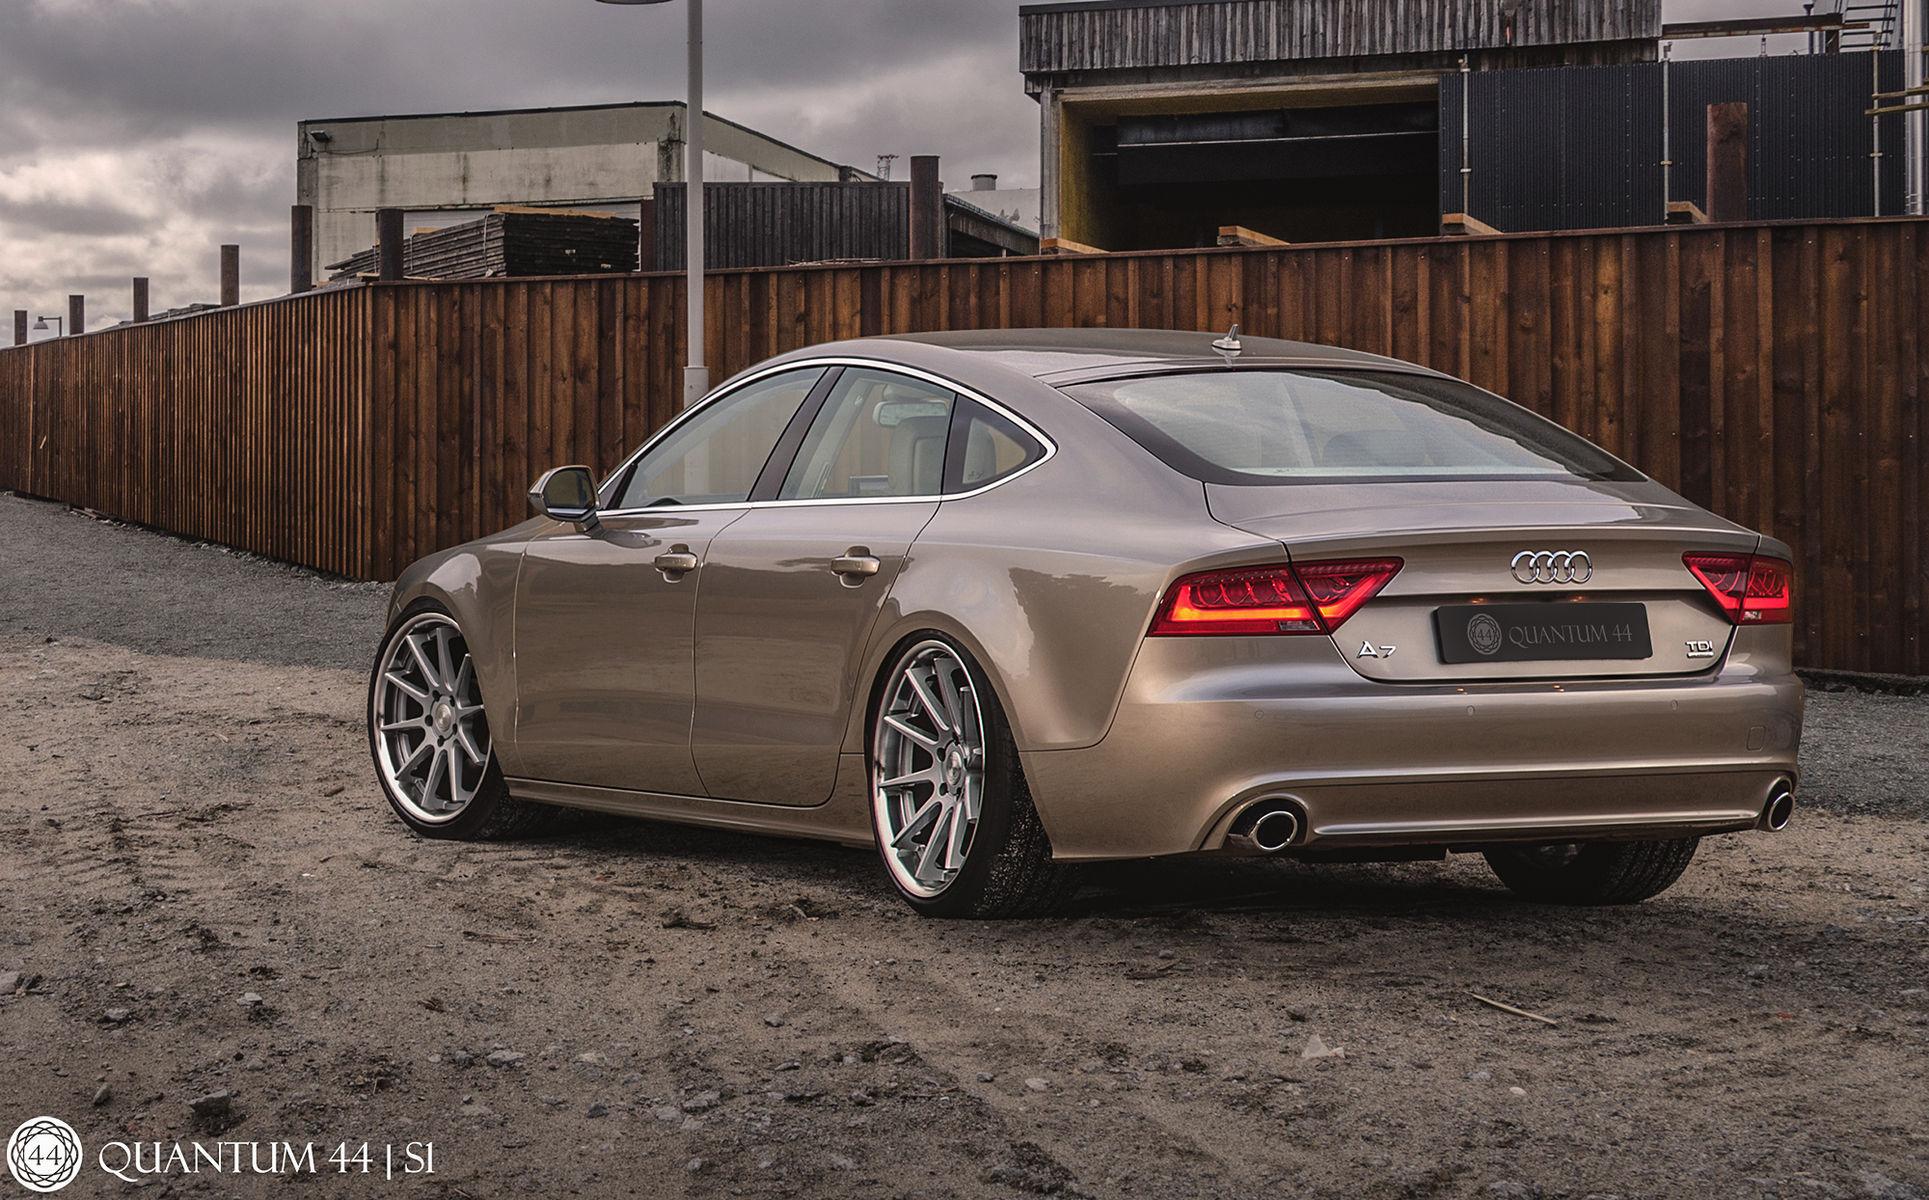 Audi A7 | Audi A7 Sportback - Quantum44 S1